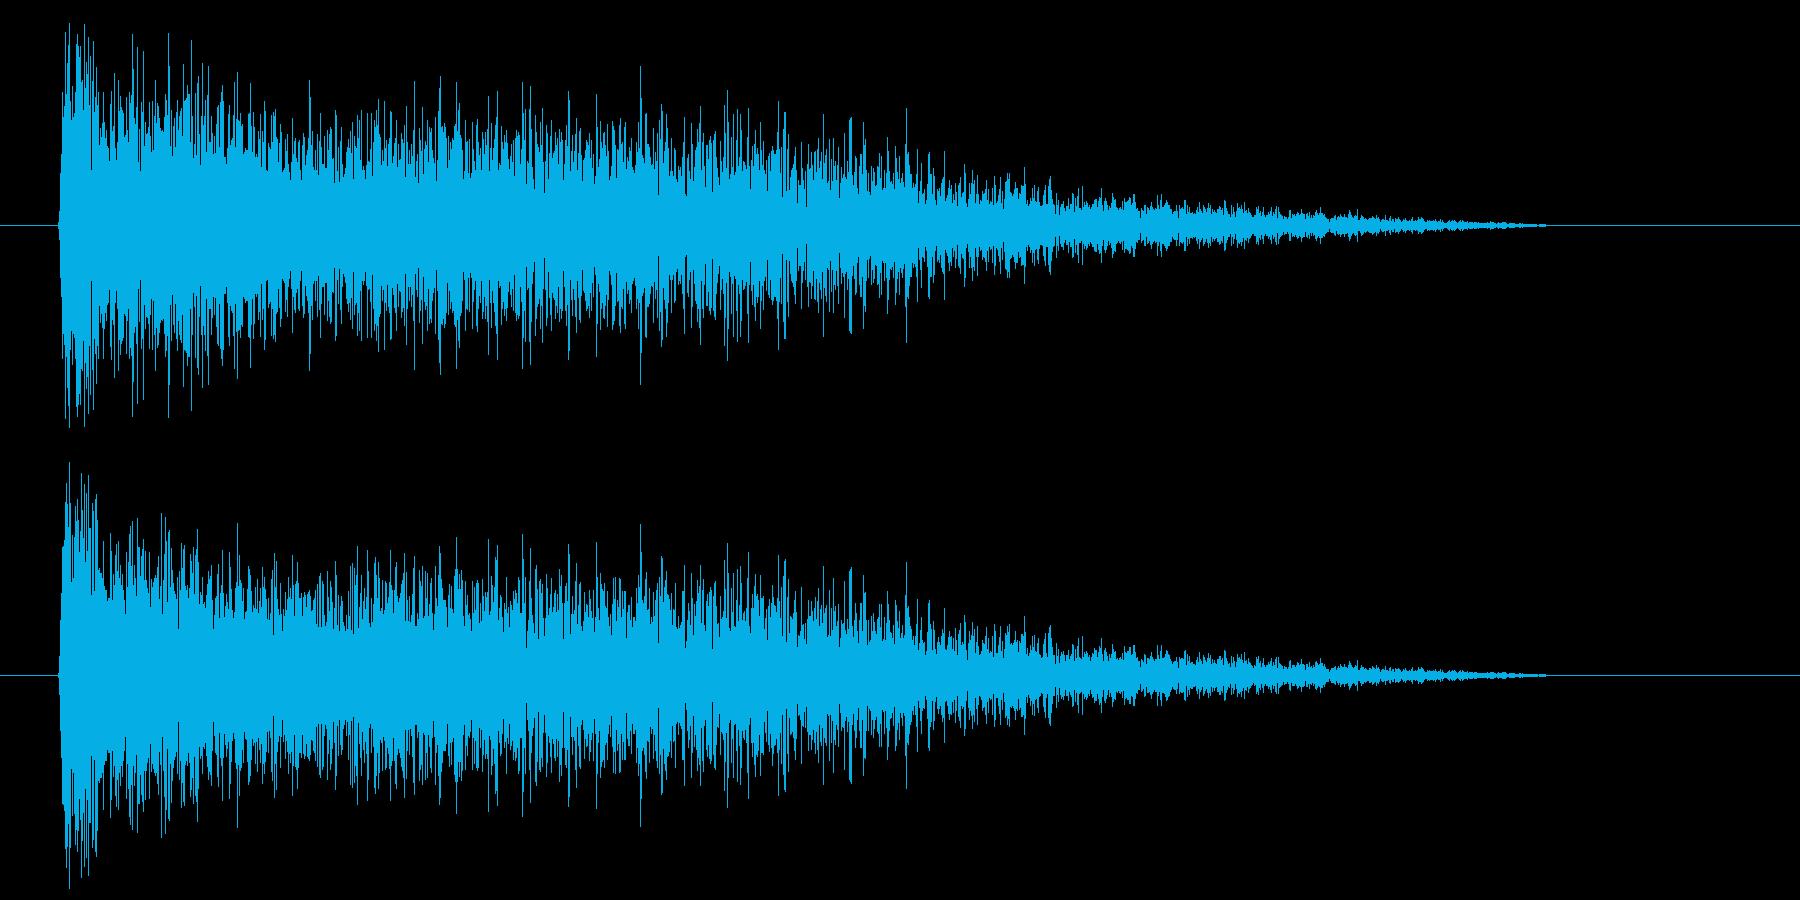 爆発_砲撃の再生済みの波形